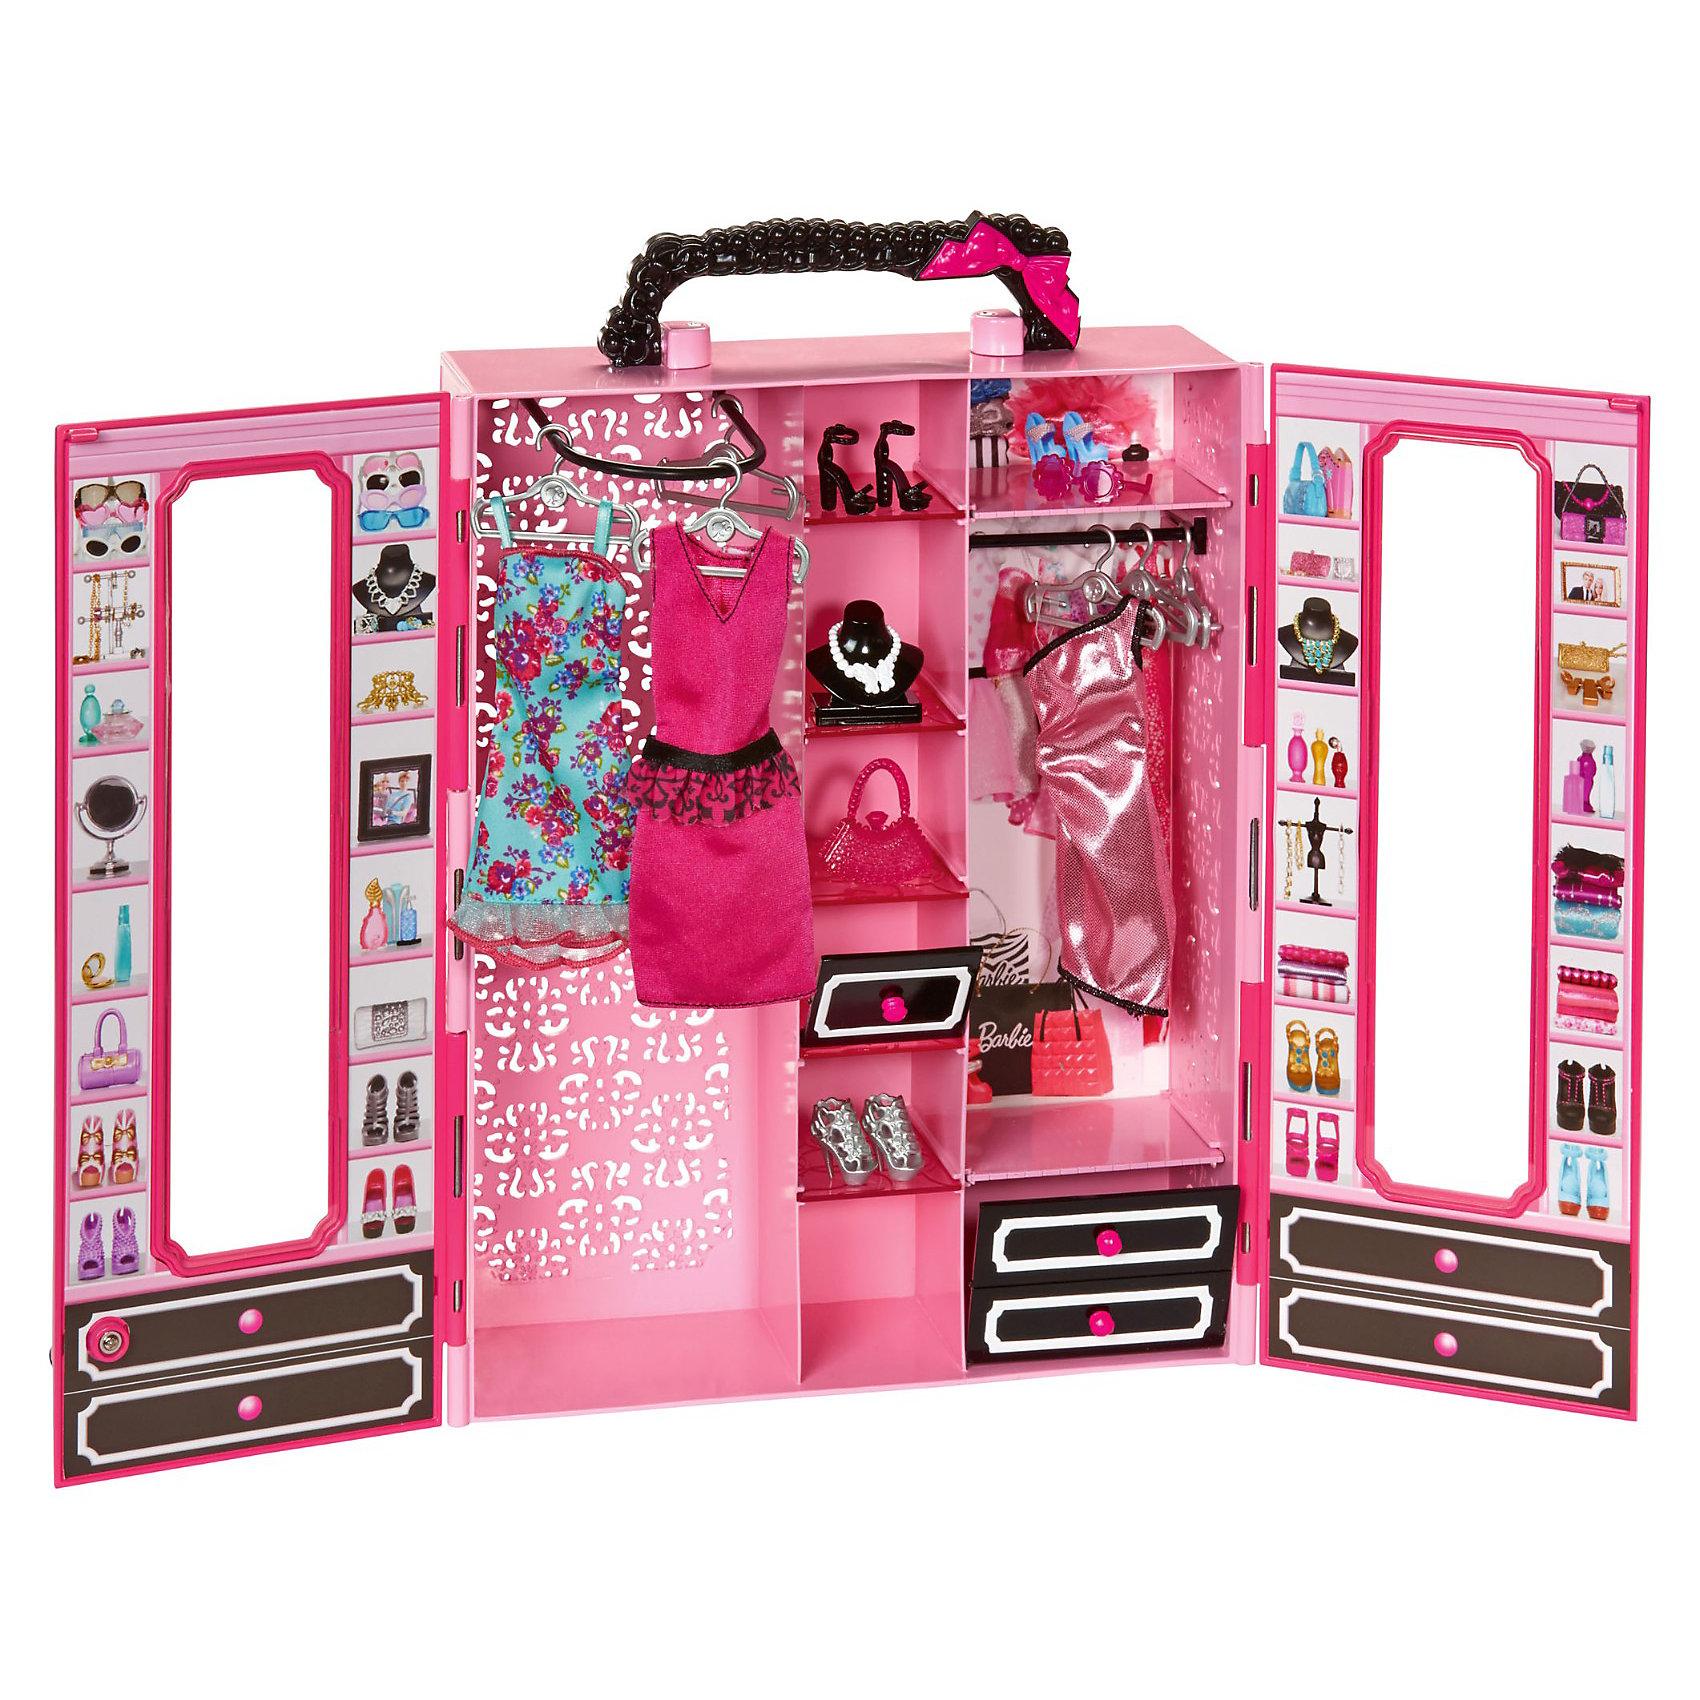 Торговый автомат с модной одеждой, Barbie